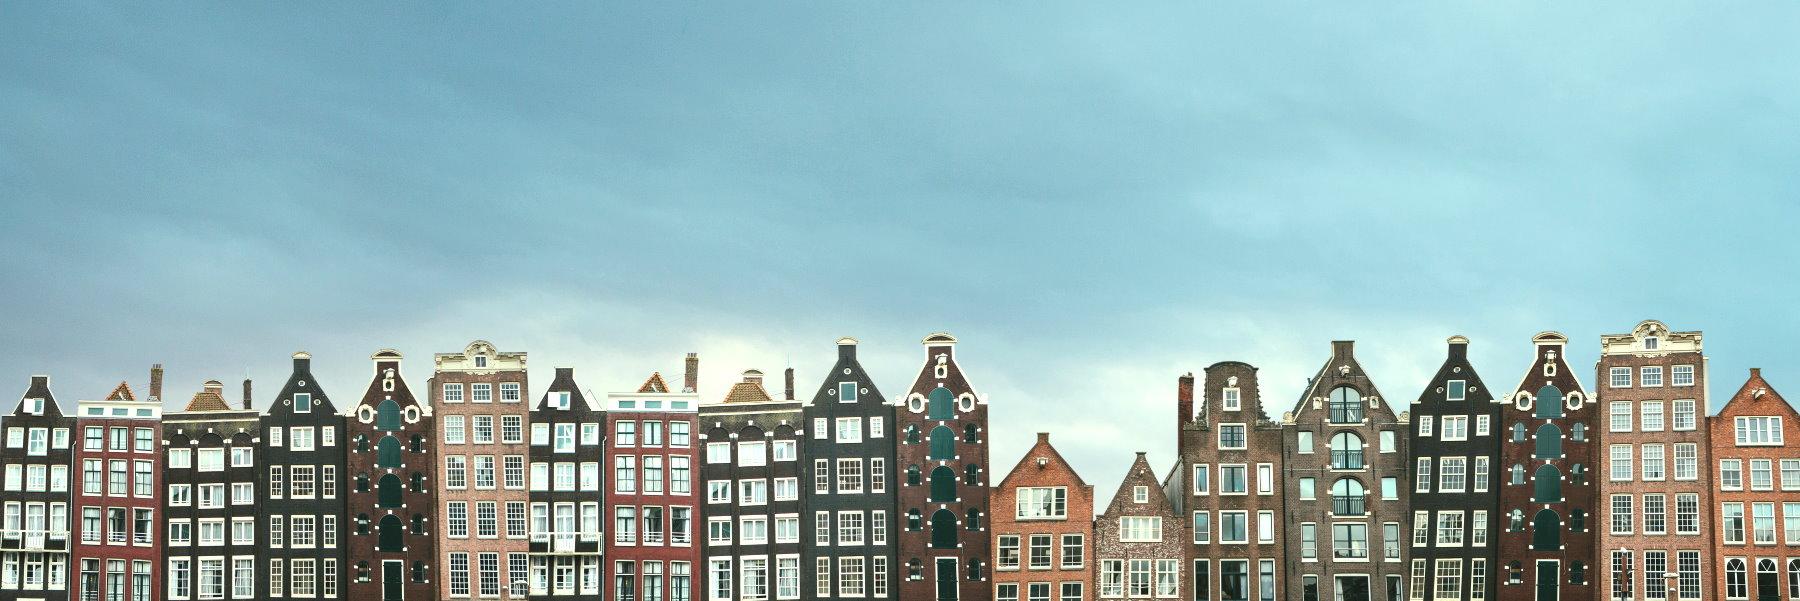 Grachten Amsterdam homepage